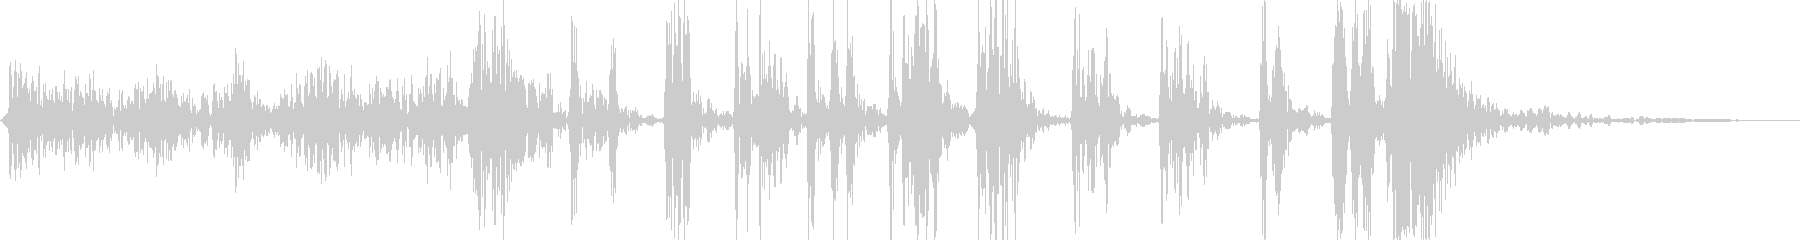 ゴム風船が軋み割れる音_グググ…パンッ!の未再生の波形